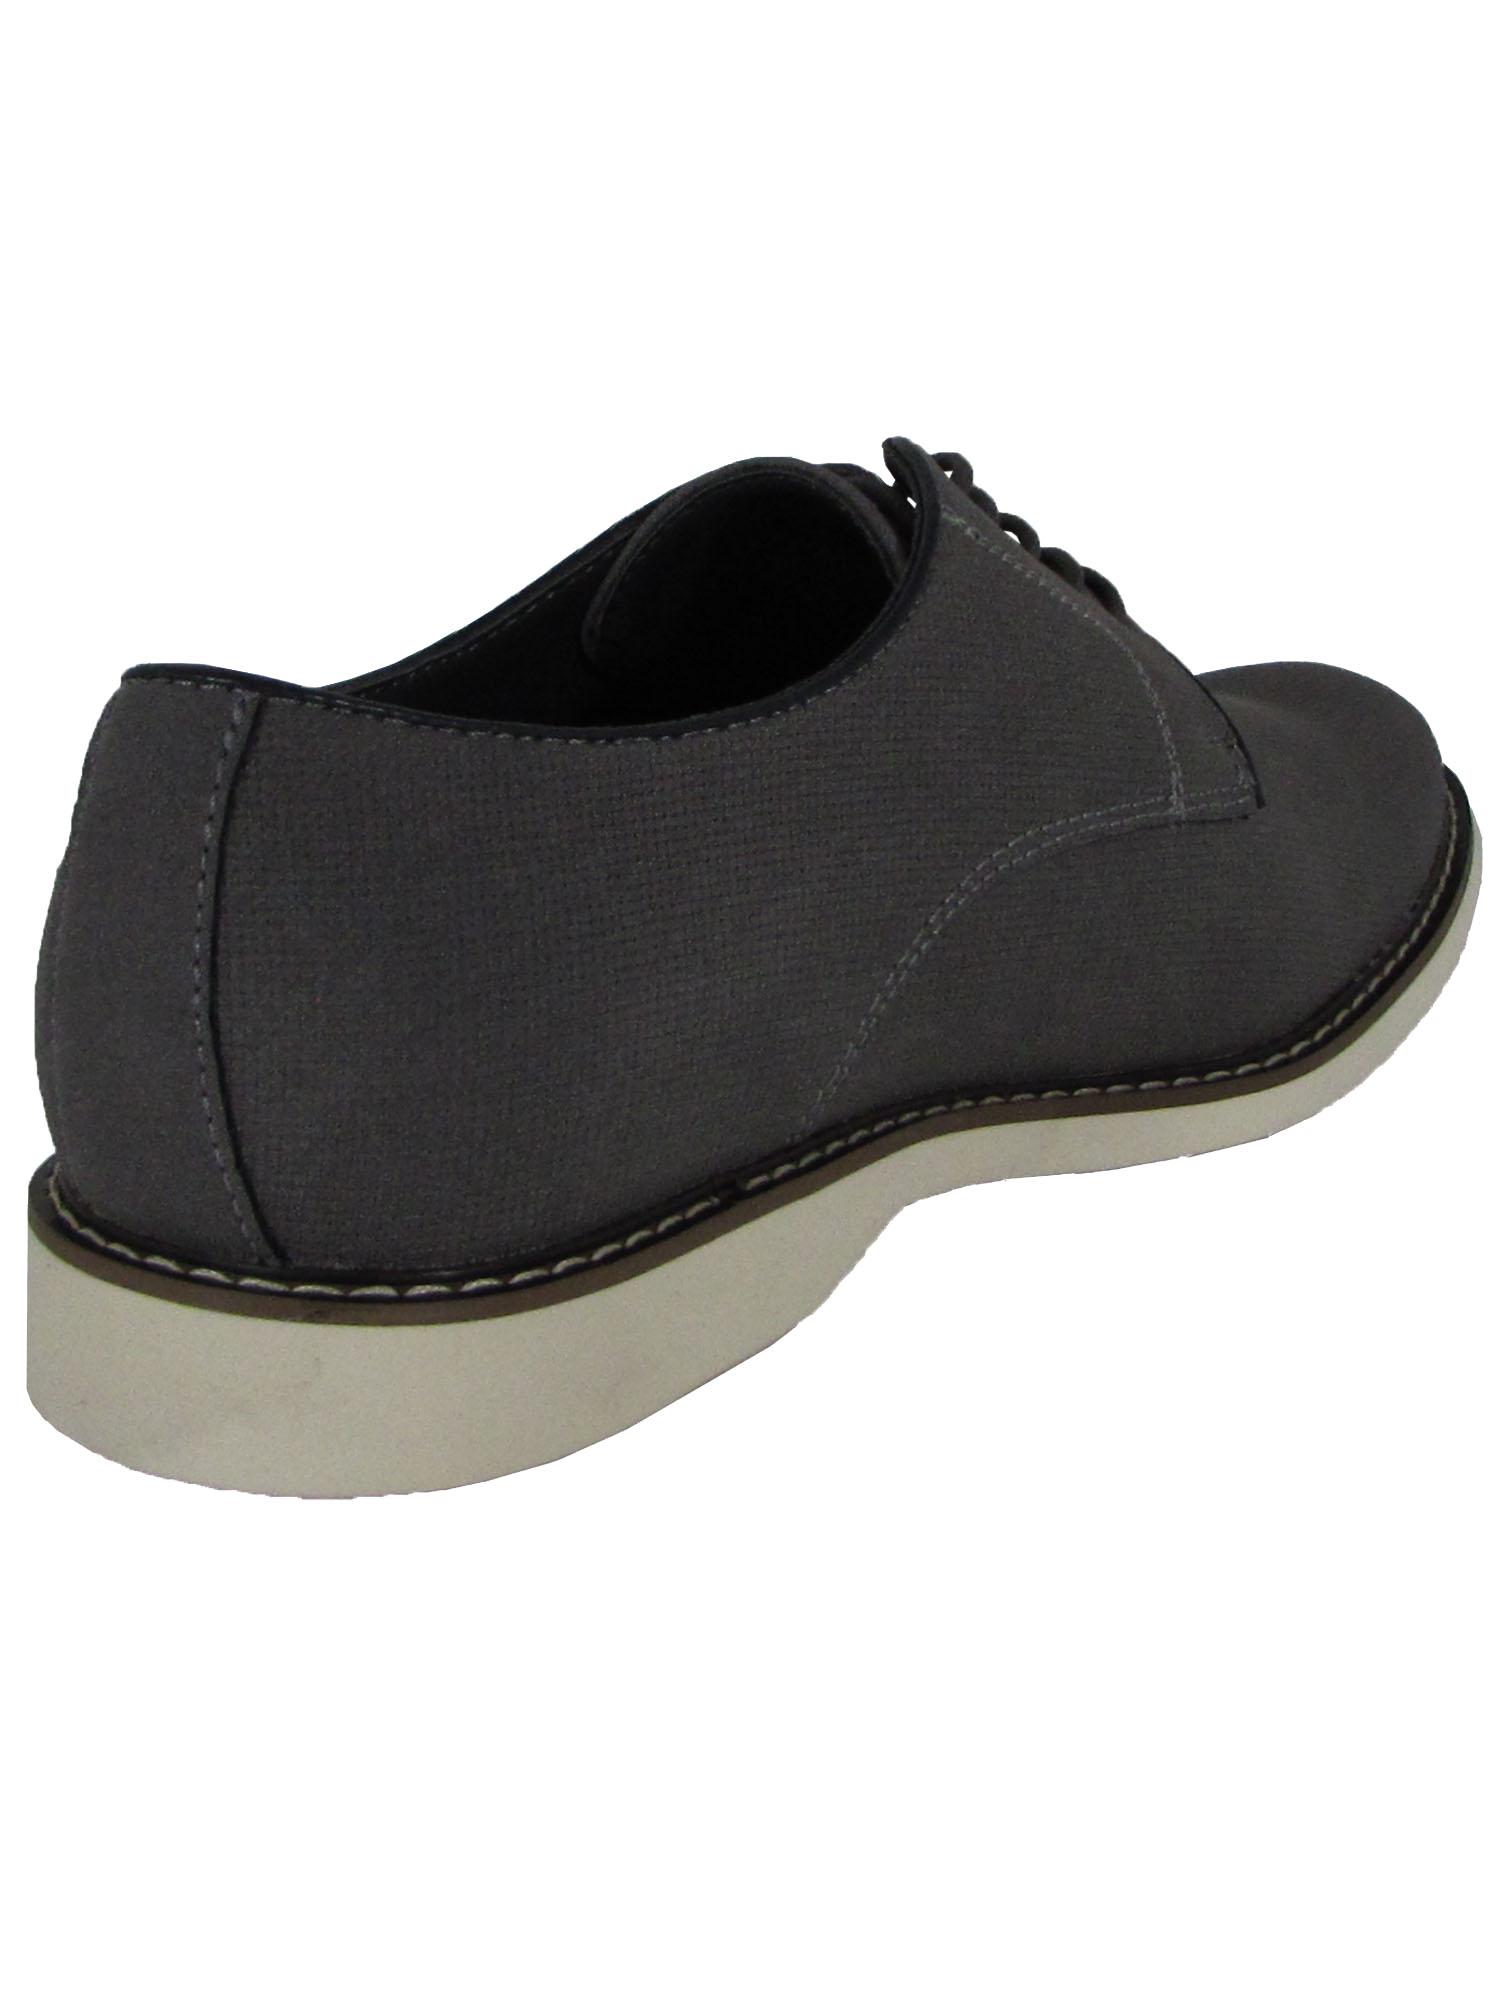 Madden por Oxford Steve Madden Para Hombre M-Elvan Oxford por Zapatos 765332